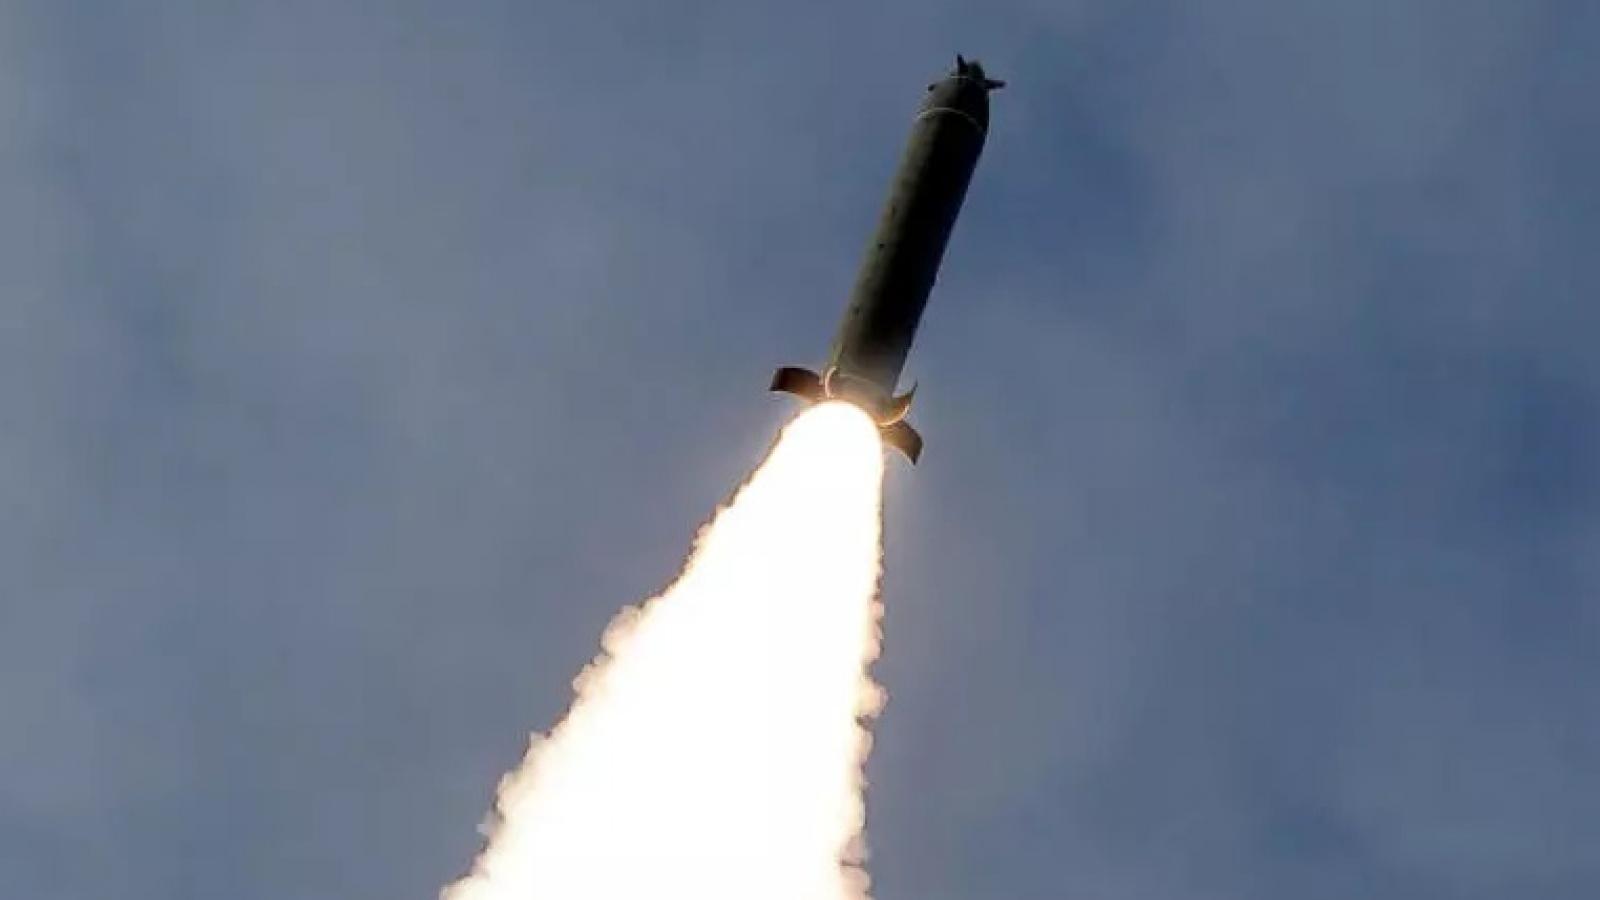 Triều Tiên đã phóng 2 tên lửa tầm ngắn vào cuối tuần qua